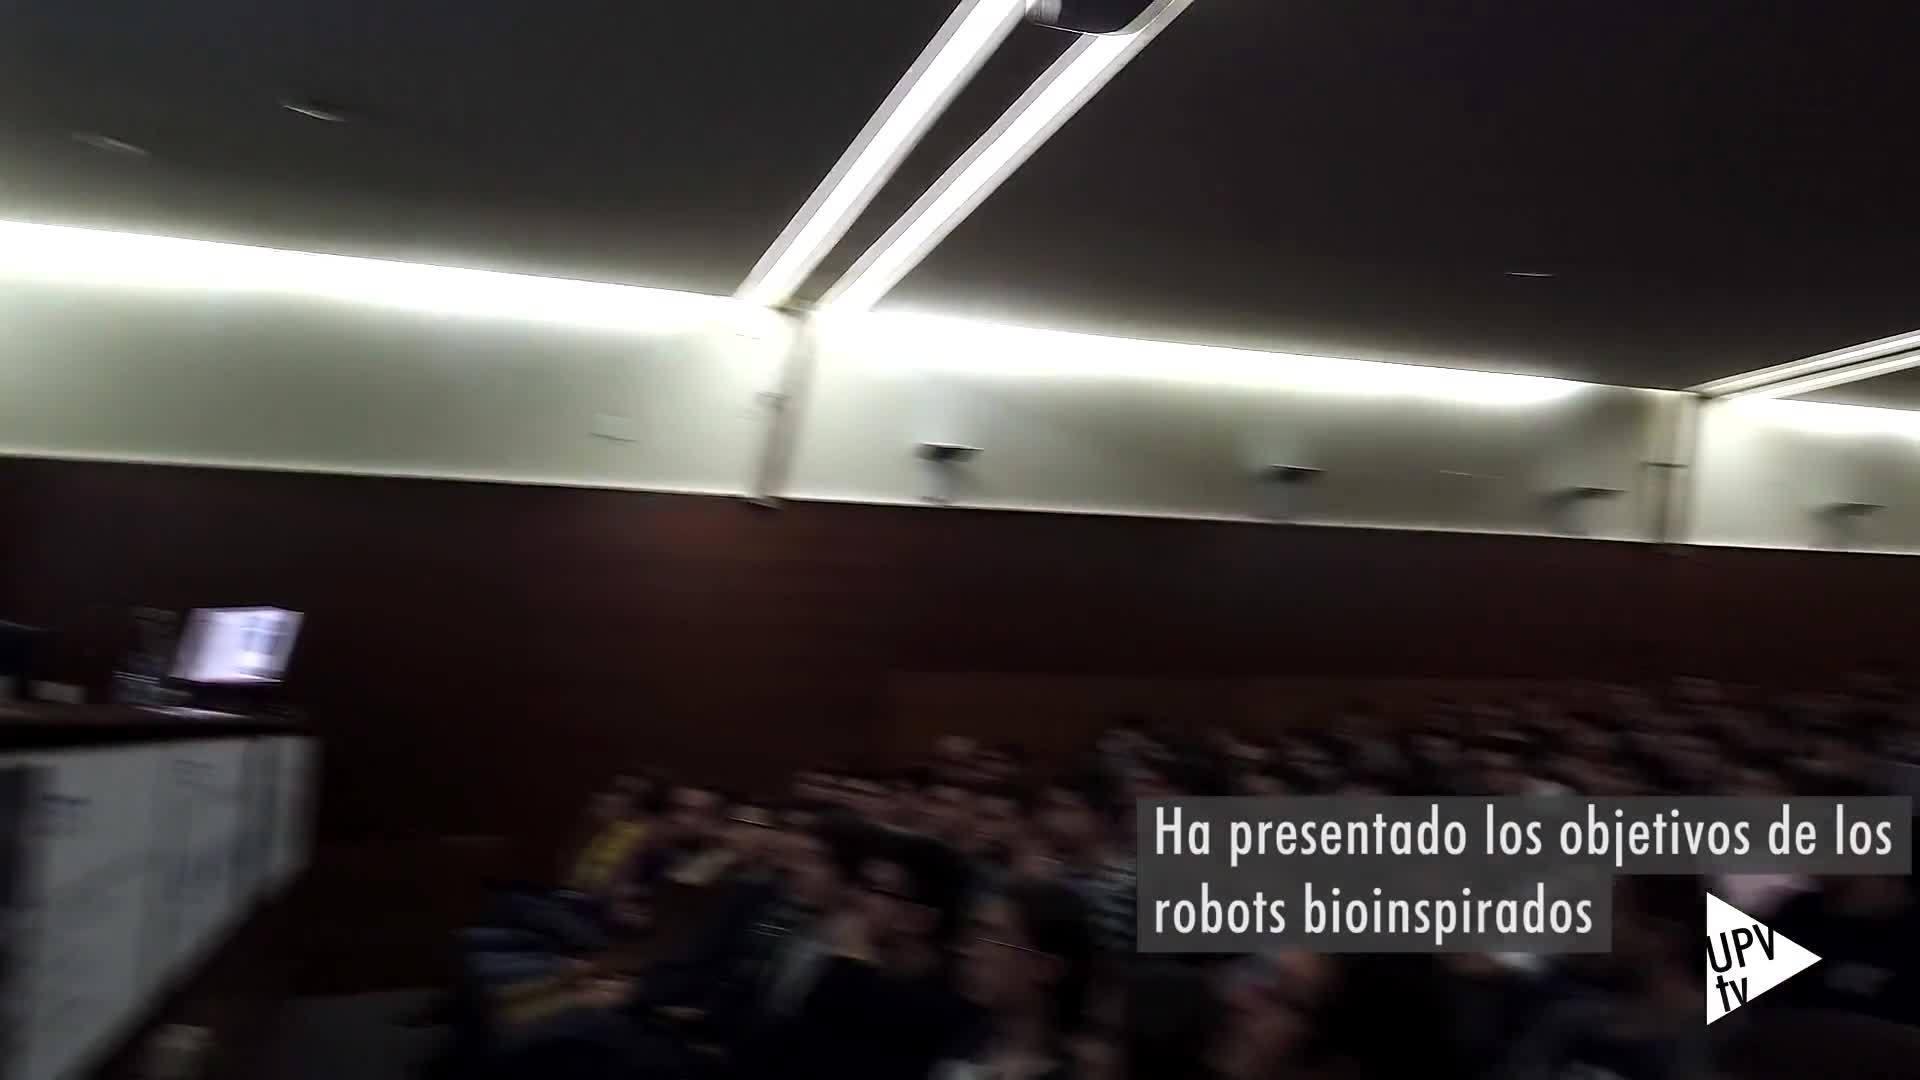 26-11-2019 Aníbal Ollero en la UPV